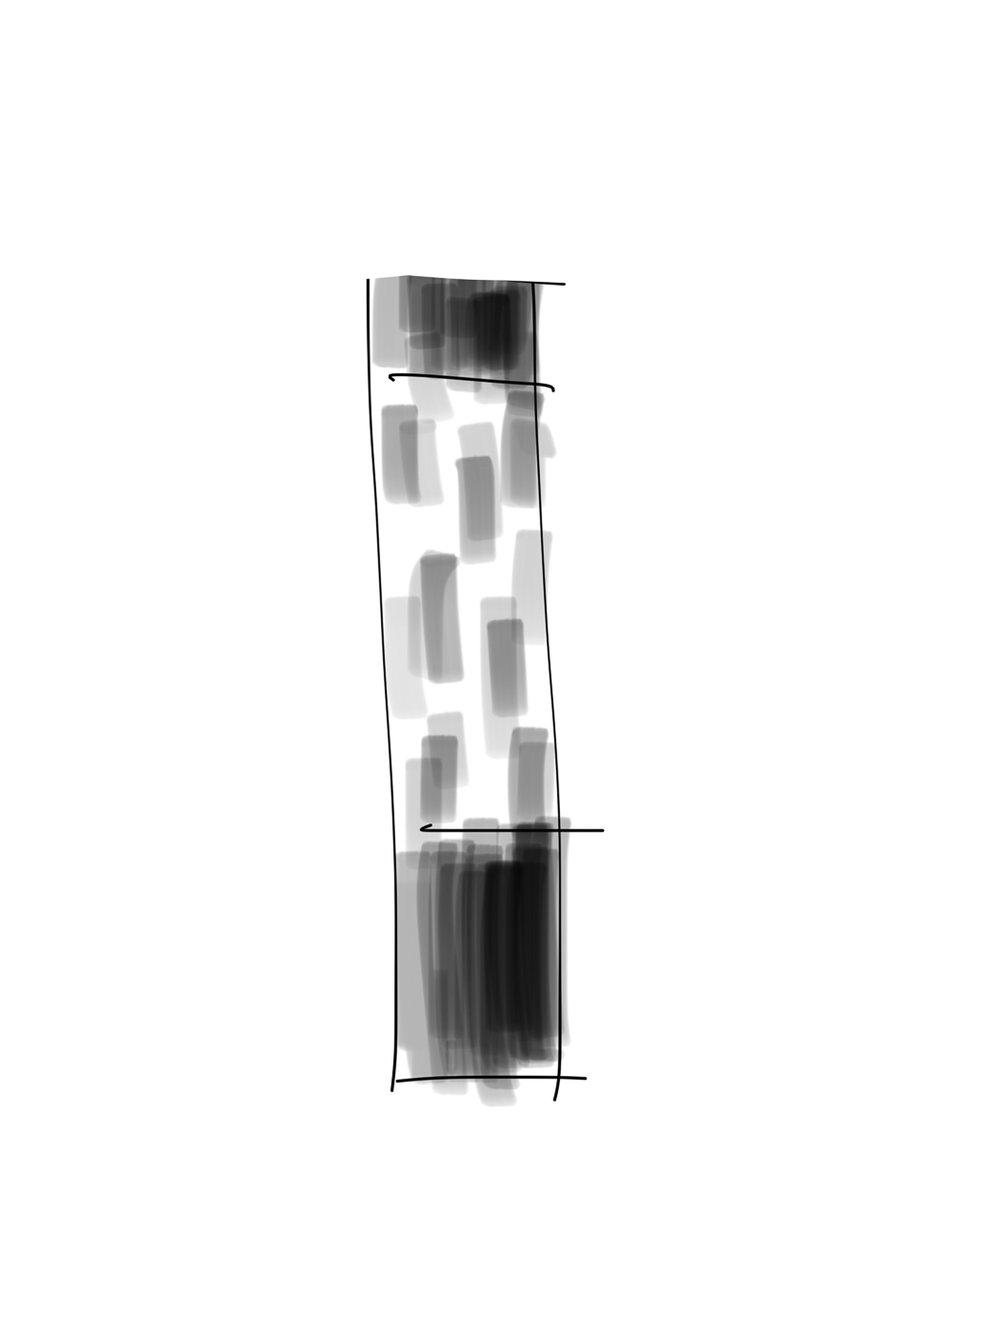 Sketch-481.jpg